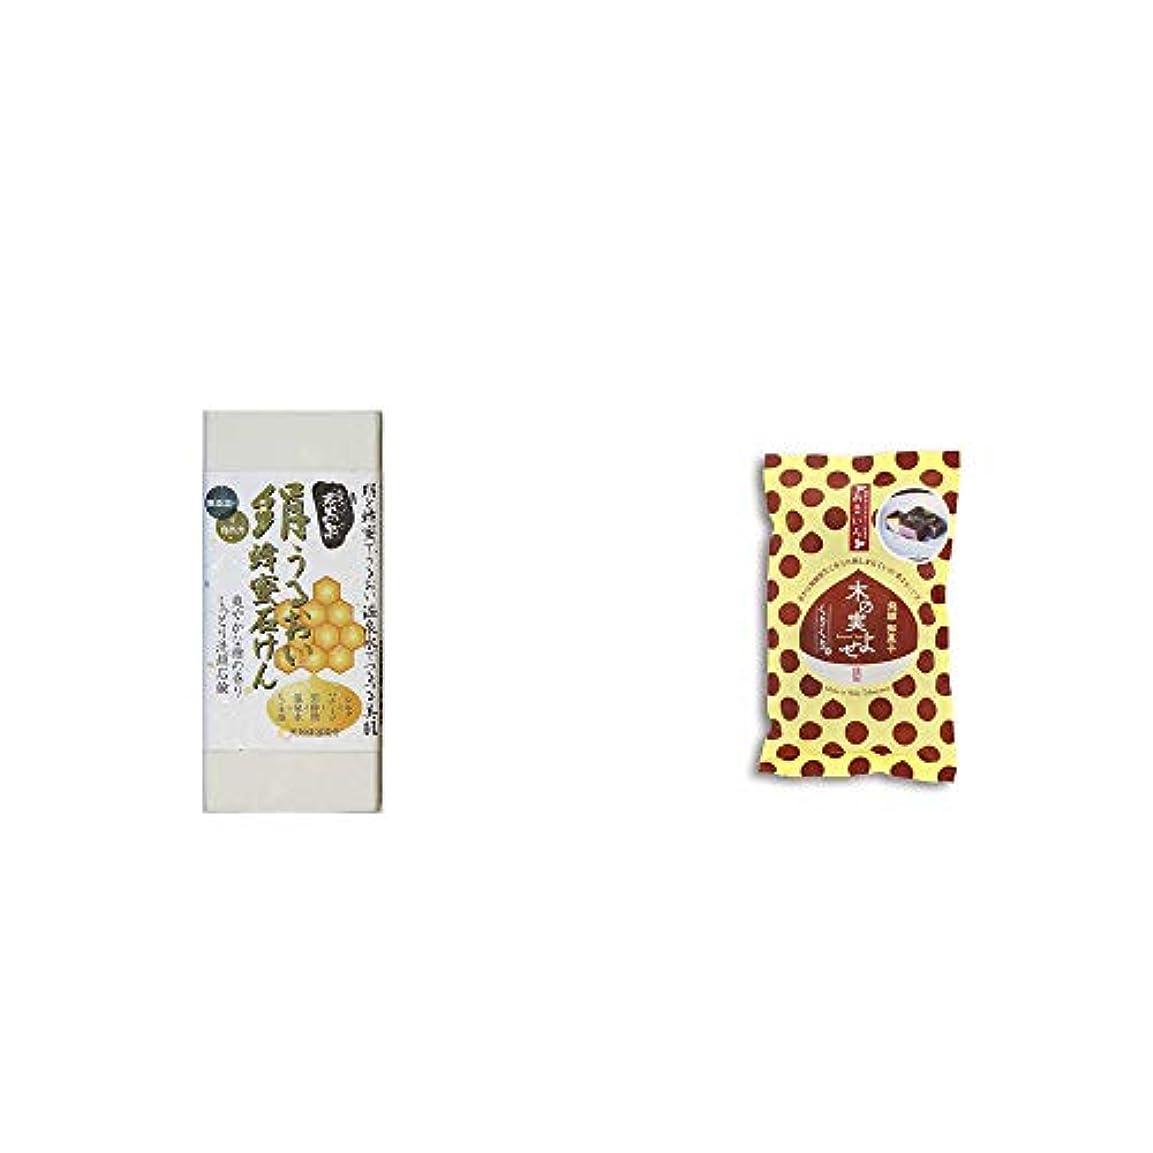 世辞委員会調べる[2点セット] ひのき炭黒泉 絹うるおい蜂蜜石けん(75g×2)?木の実よせ くりくり味(5個入)